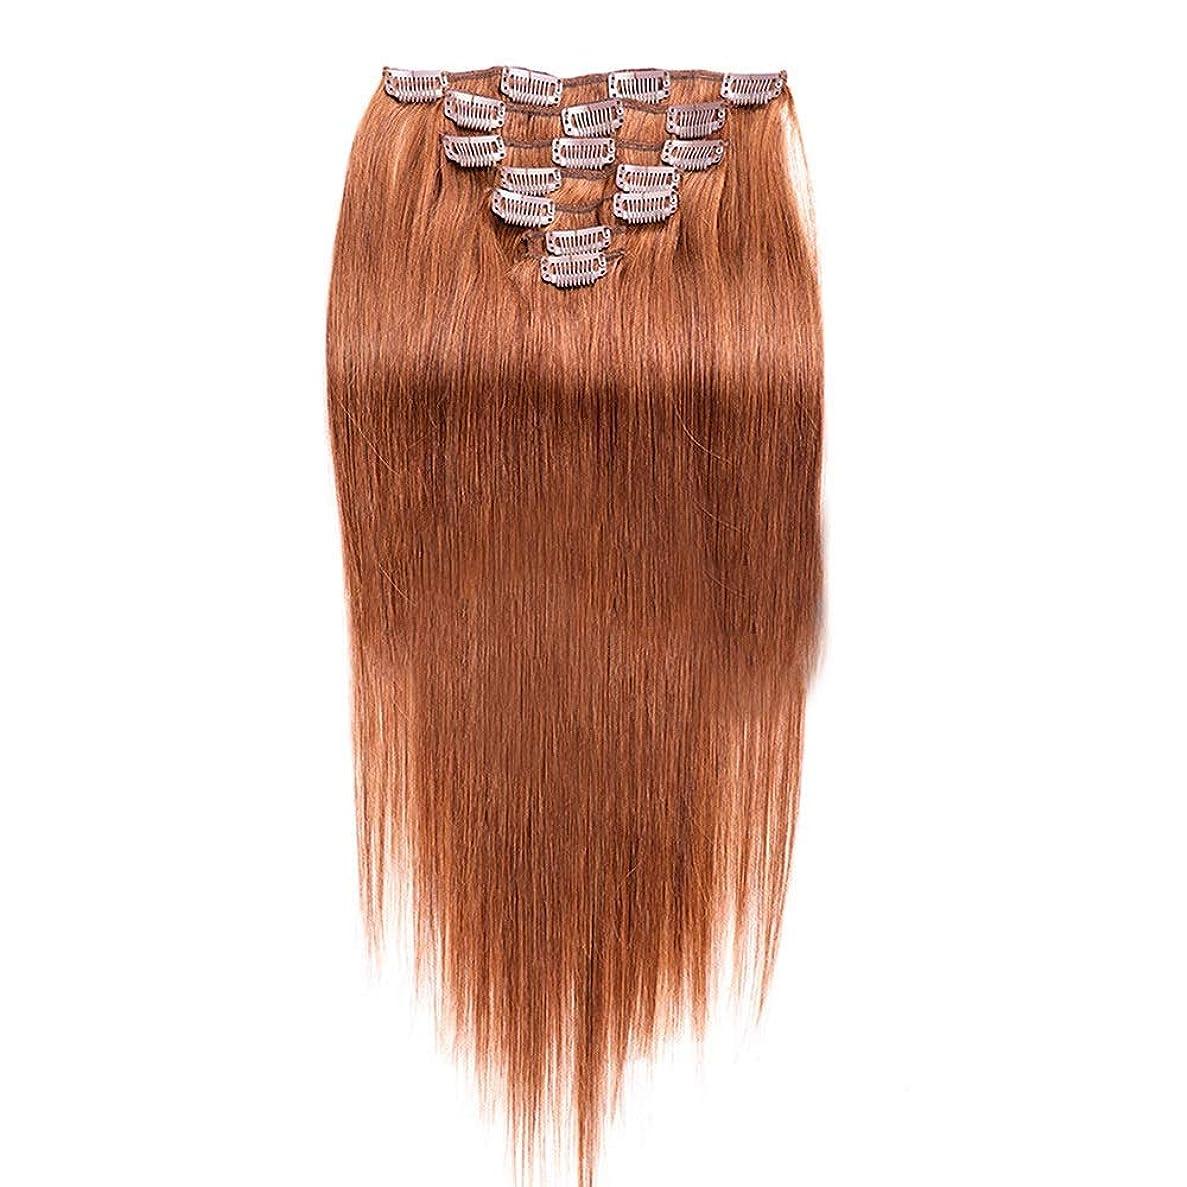 ポーズ病院クロスHOHYLLYA 人間の髪の毛の拡張子でリアルクリップ - 16インチ7個 - #30茶色がかった黄色の絹のようなストレートヘアピースロールプレイングかつら女性の自然なかつら (色 : #30 Brownish yellow)